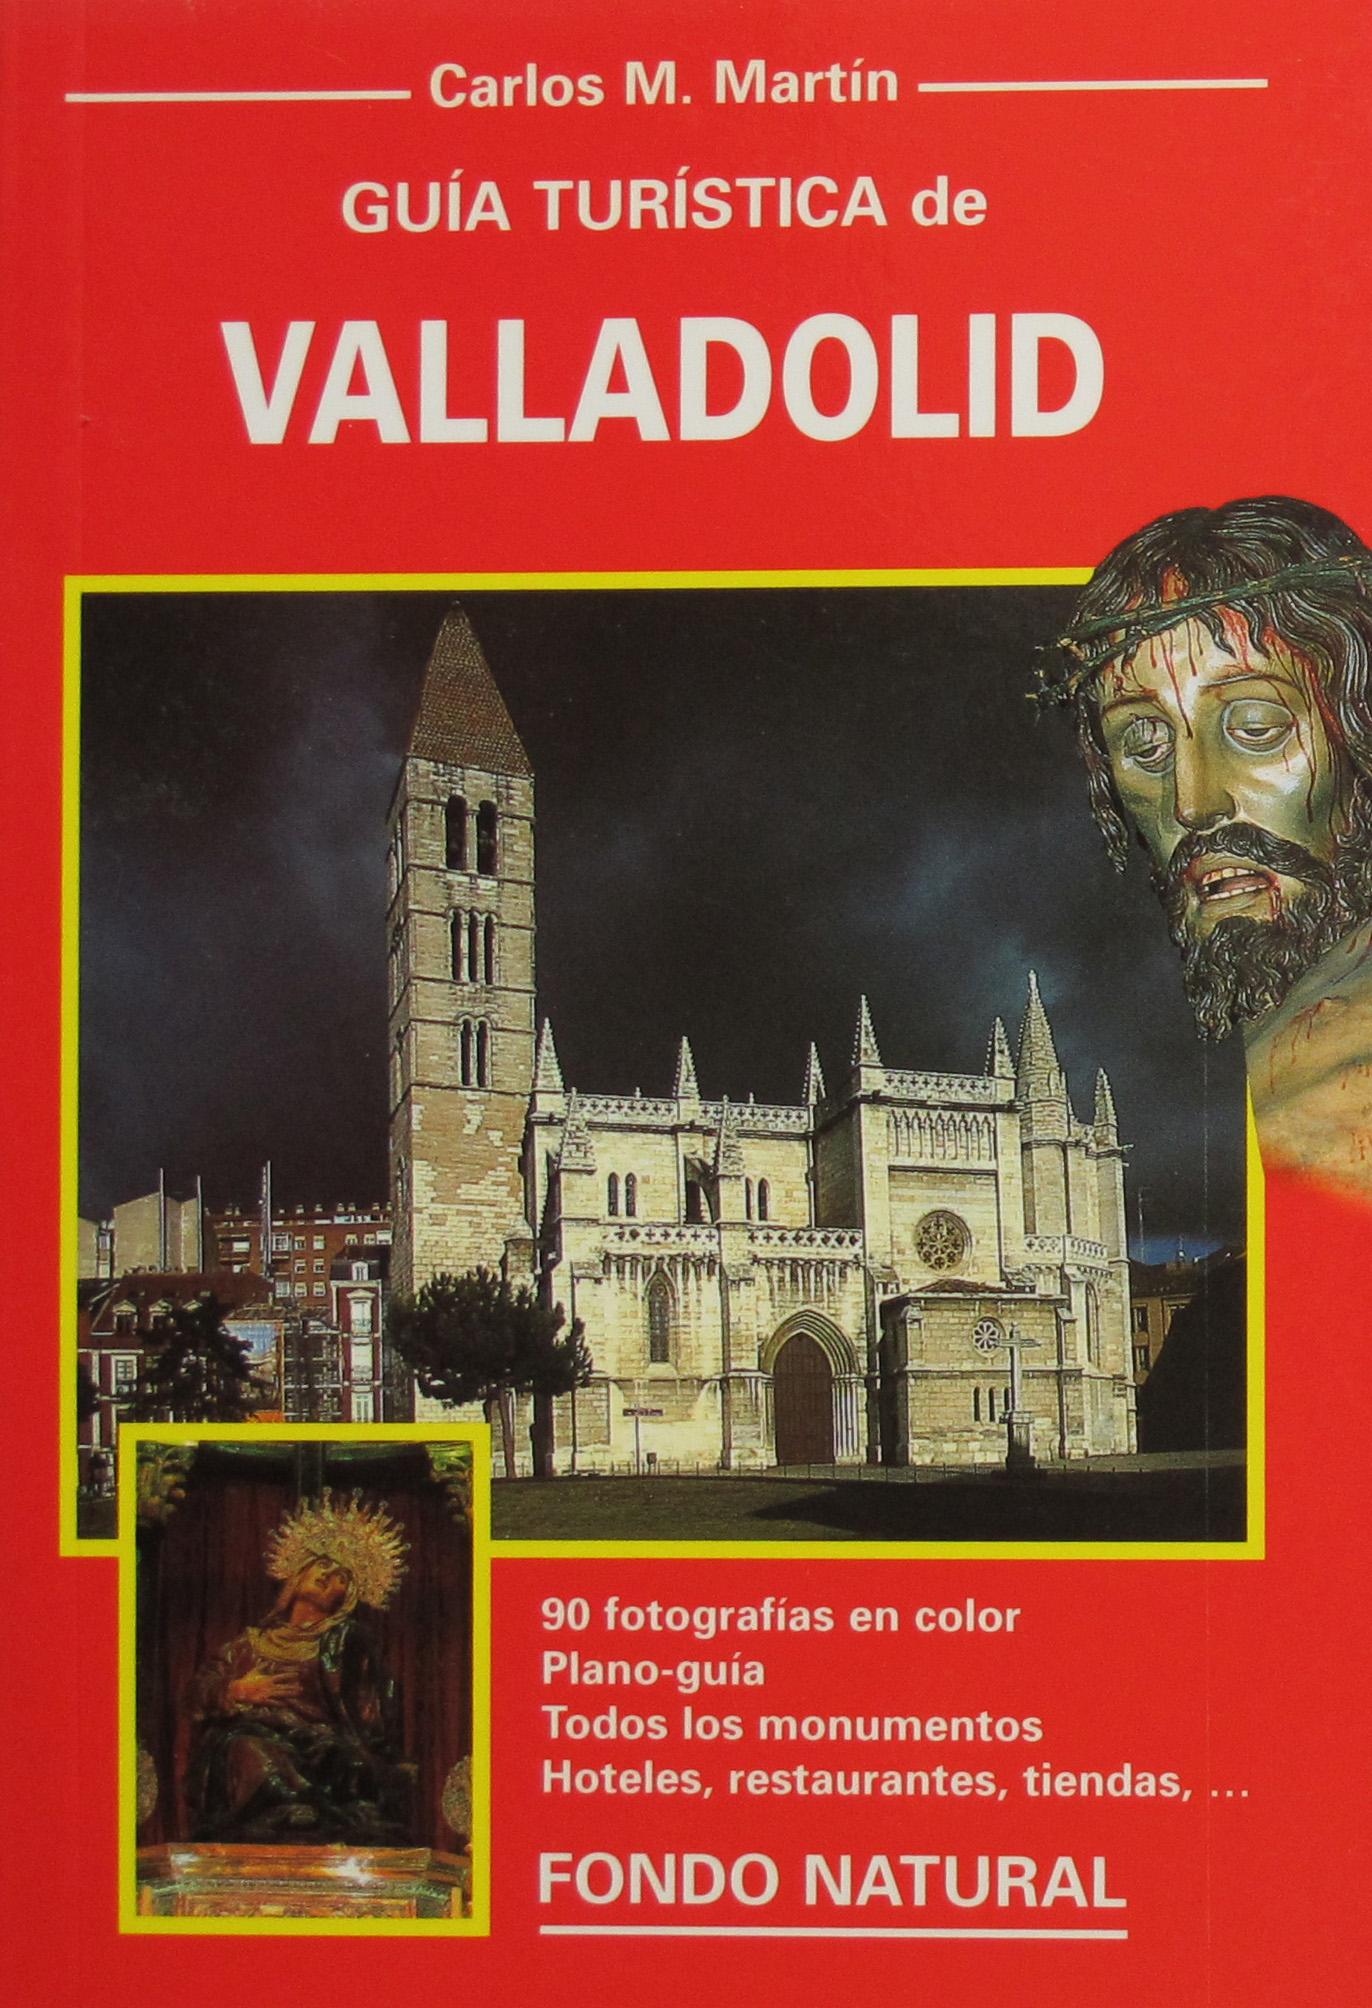 Libro GUÍA TURISTICA DE VALLADOLID